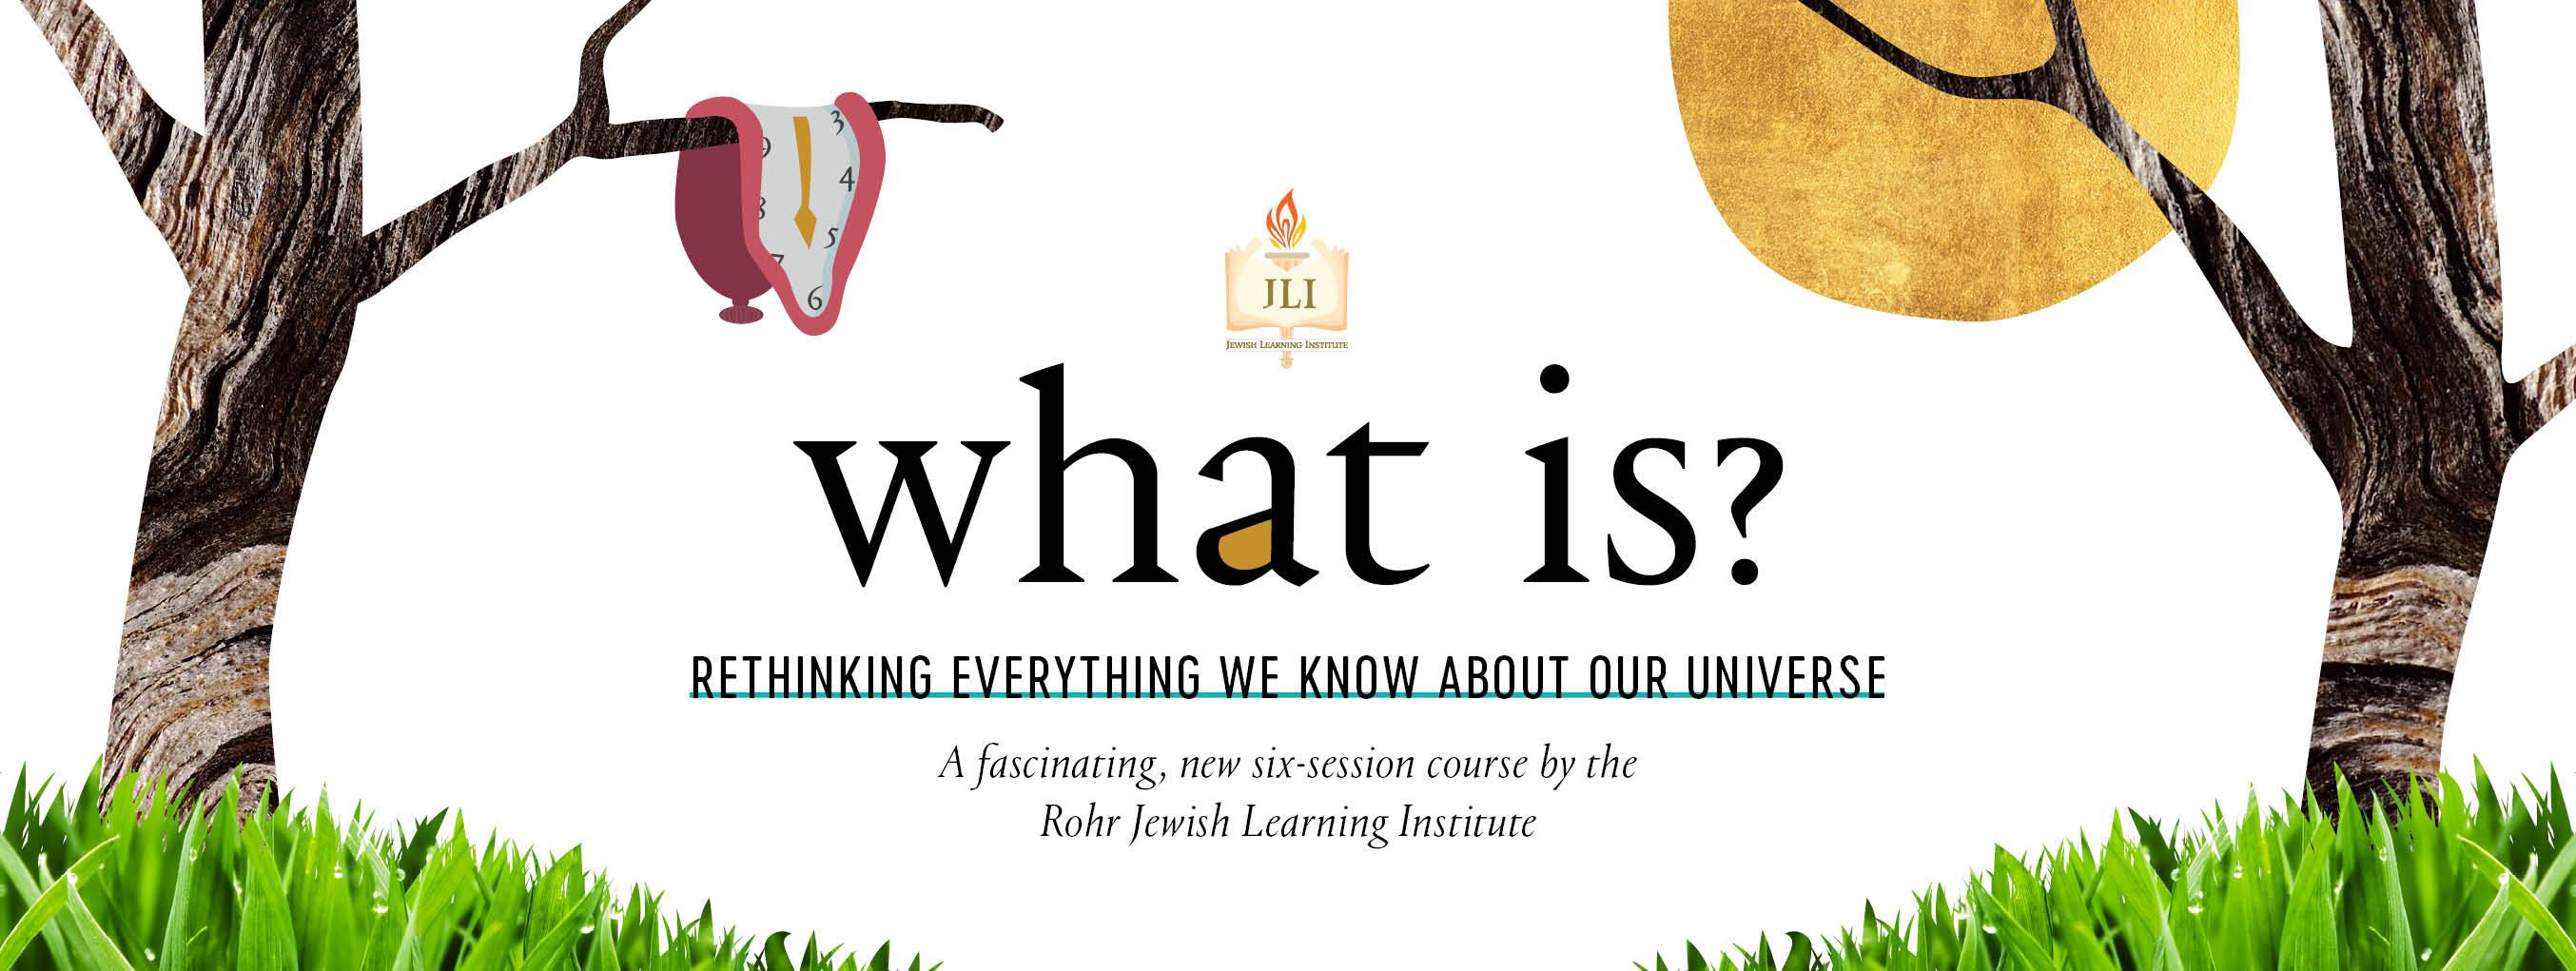 JLI - What is - WB.jpg